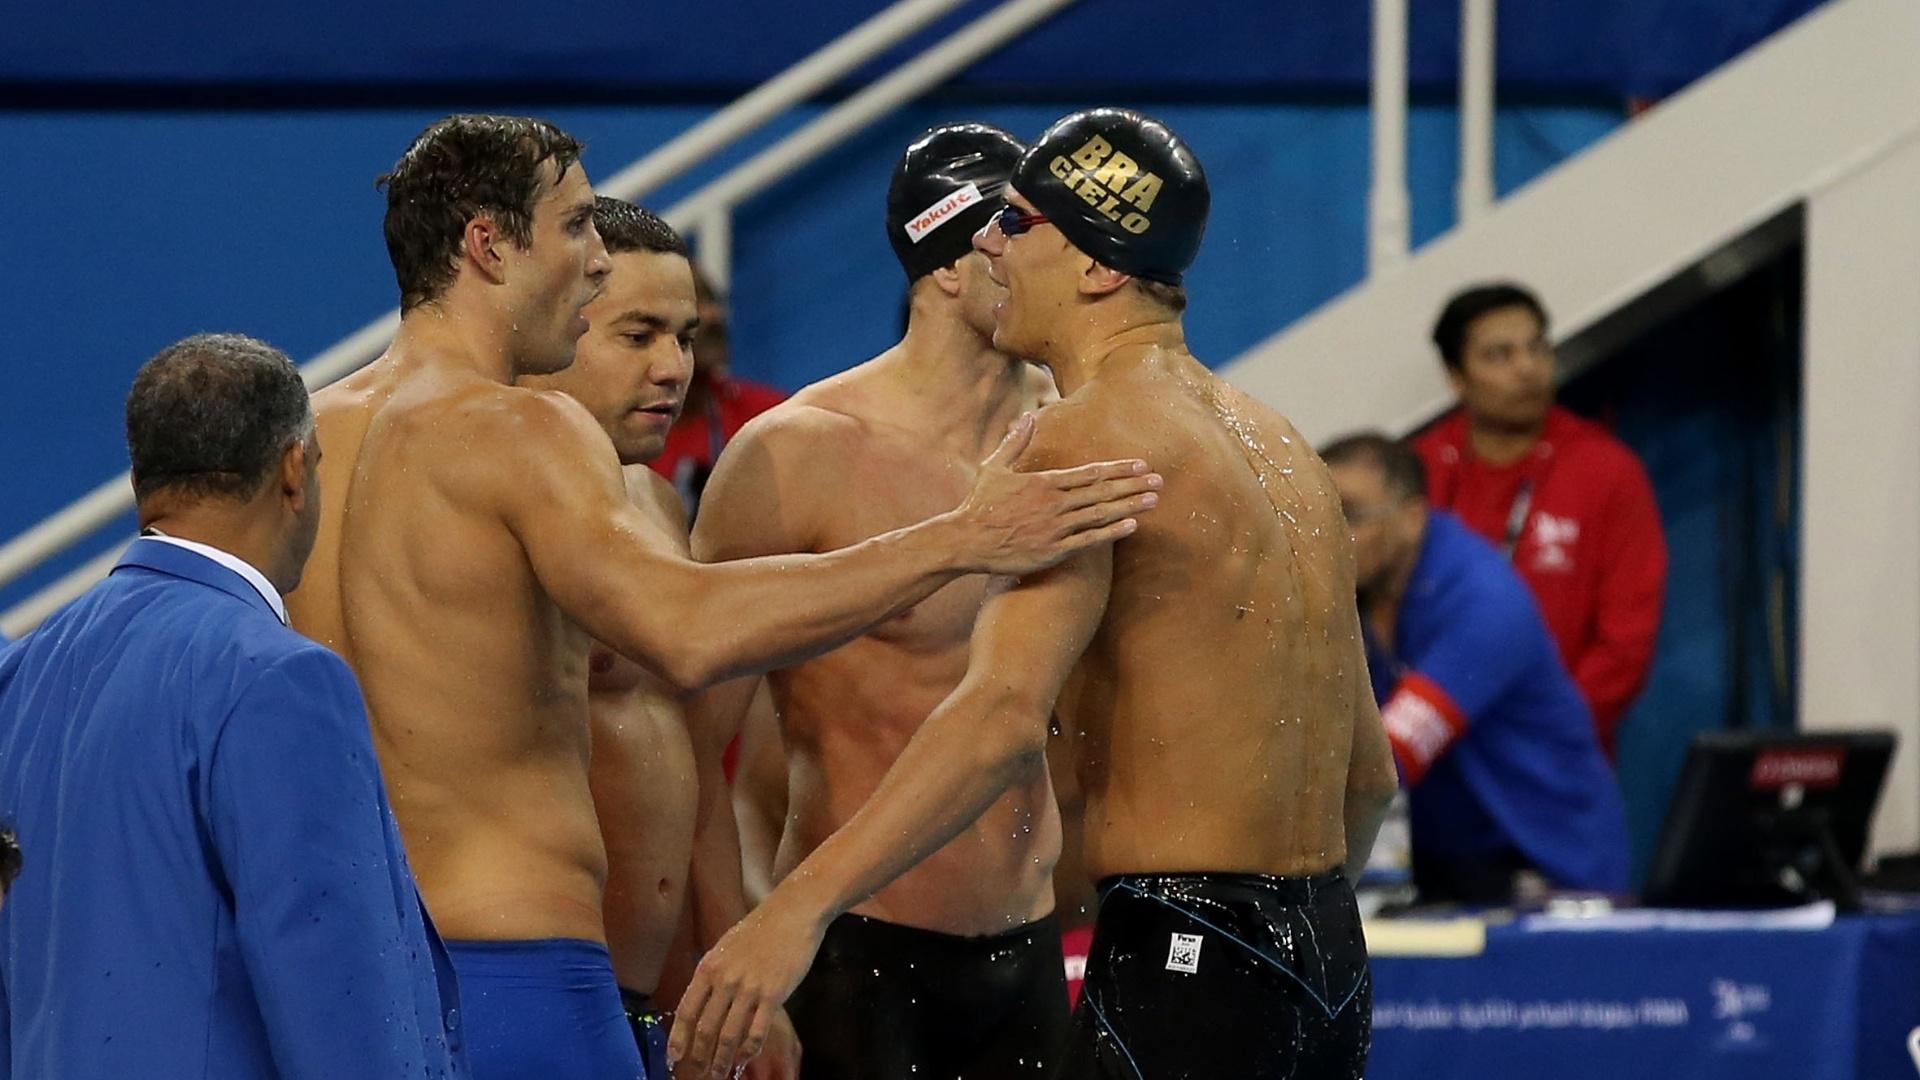 Nadadores brasileiros se cumprimentam após quebrar o recorde mundial do 4x50m medley